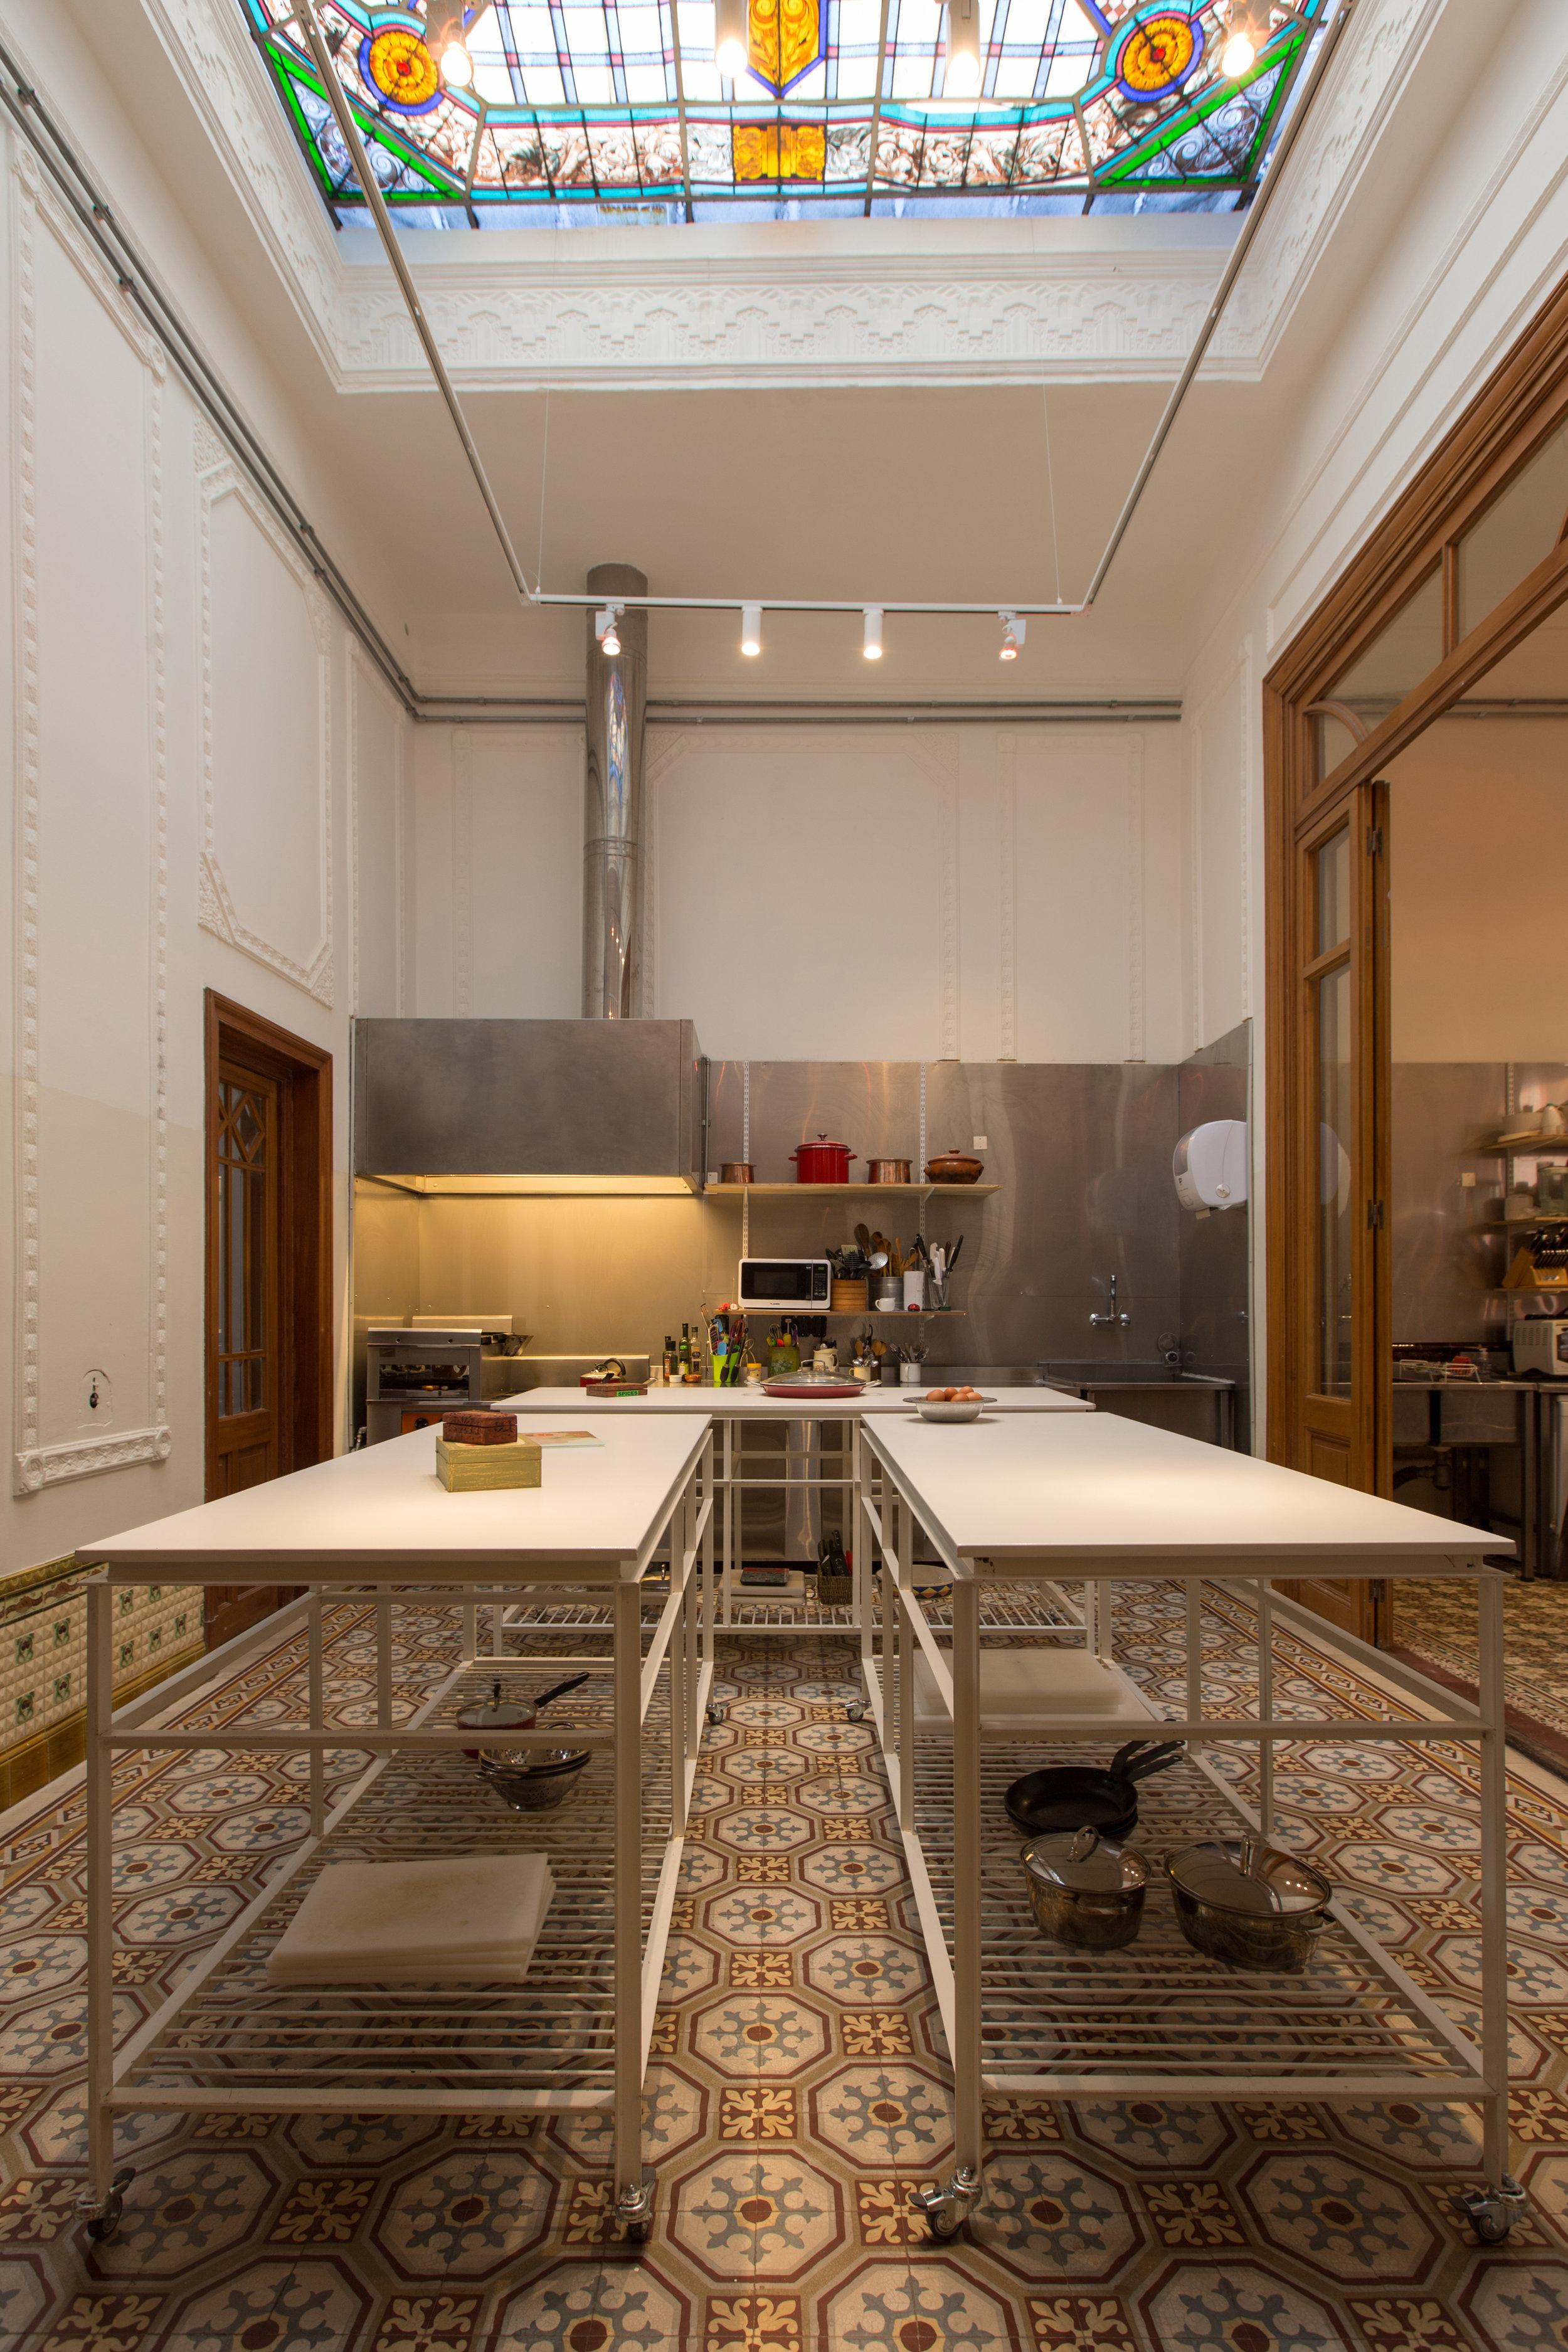 Club de cocina 1056 / Alex Cocina.